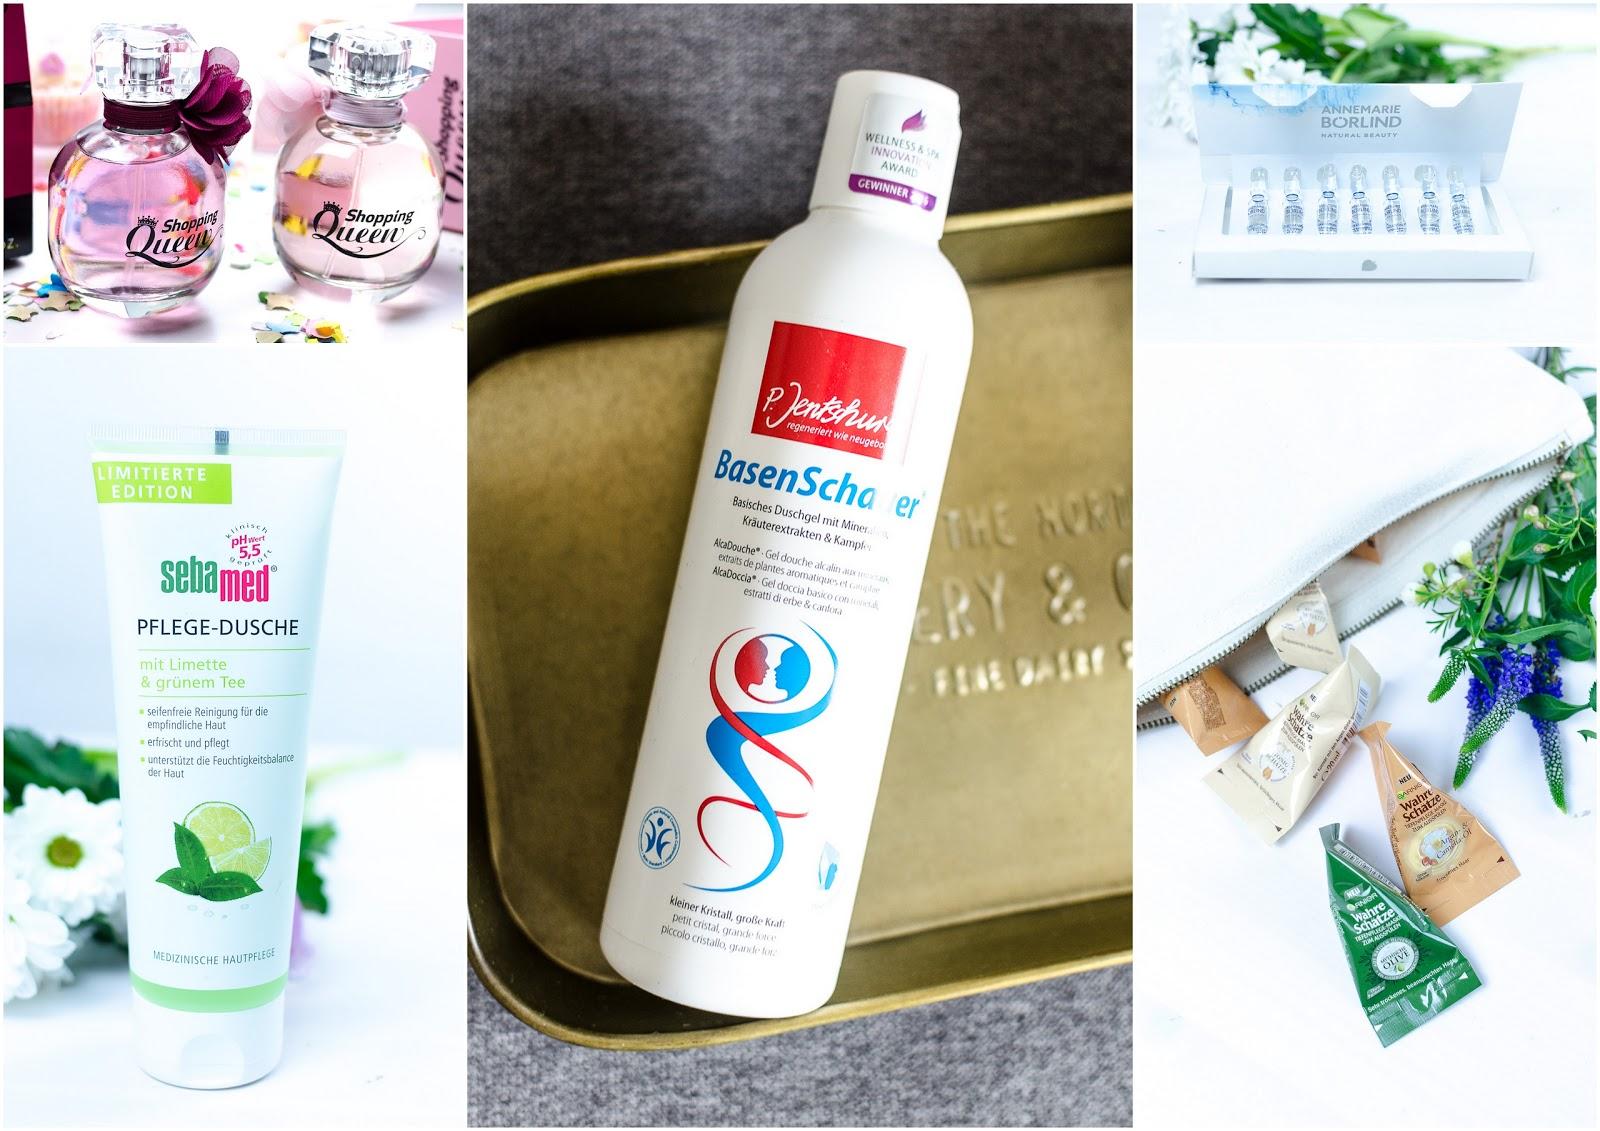 Beautyblogger-Blogger-Lieblinge-Produkttest-andysparkles-Andrea-Funk-Gewinnspiel